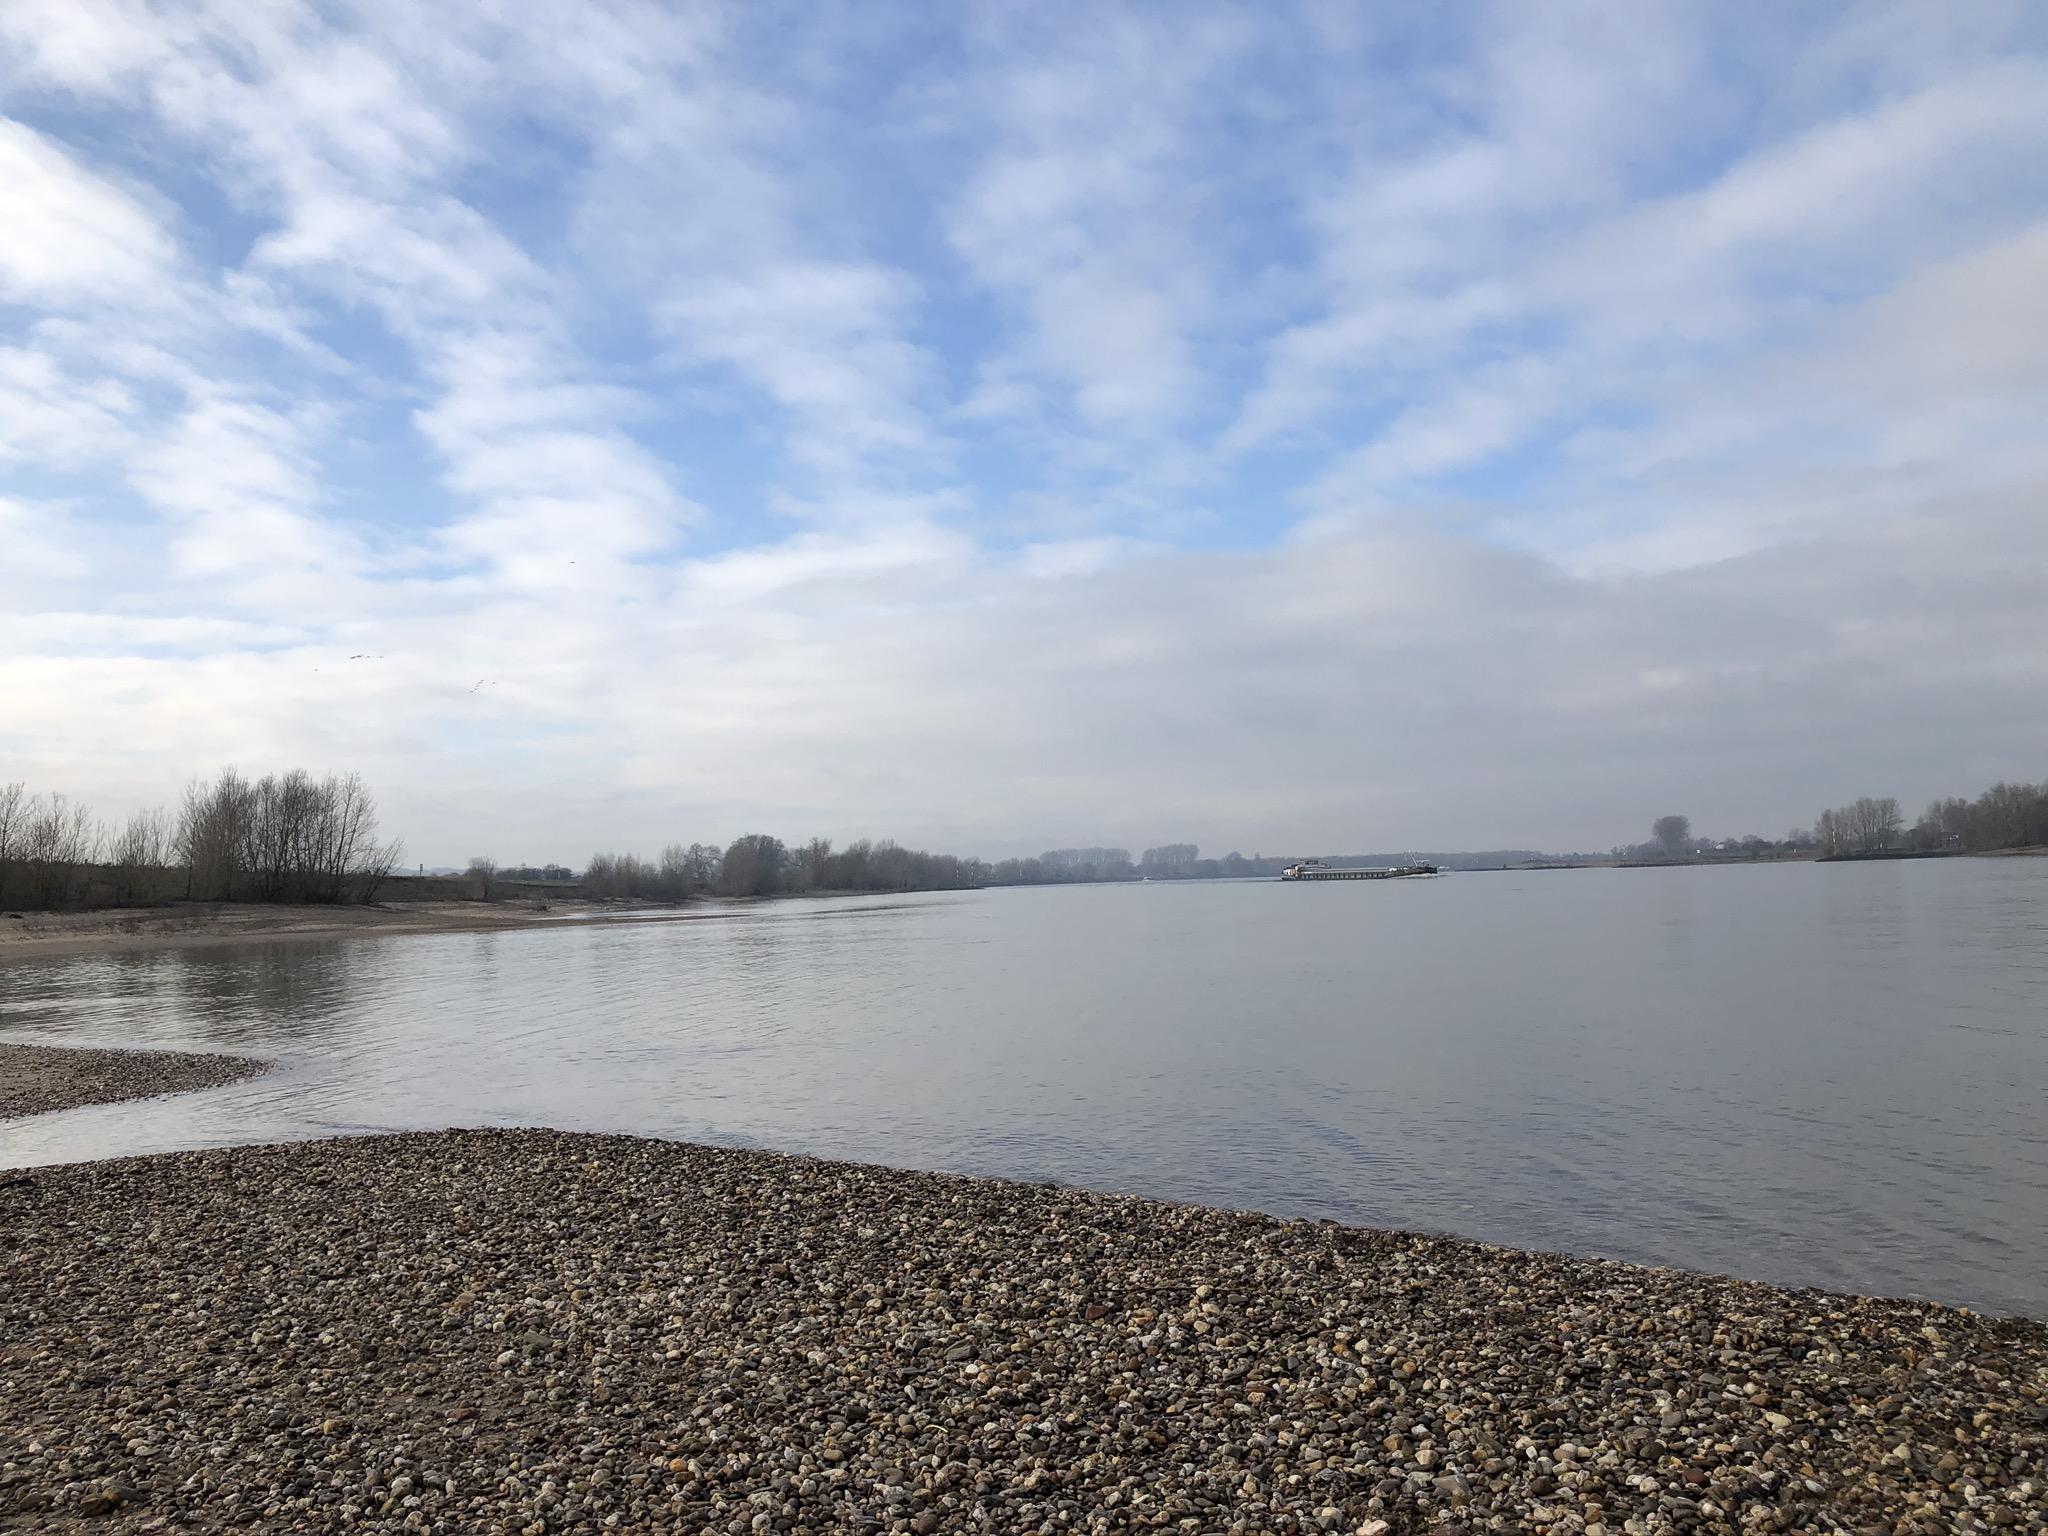 Weiter Himmel am Niederrhein in Xanten im Ruhrgebiet